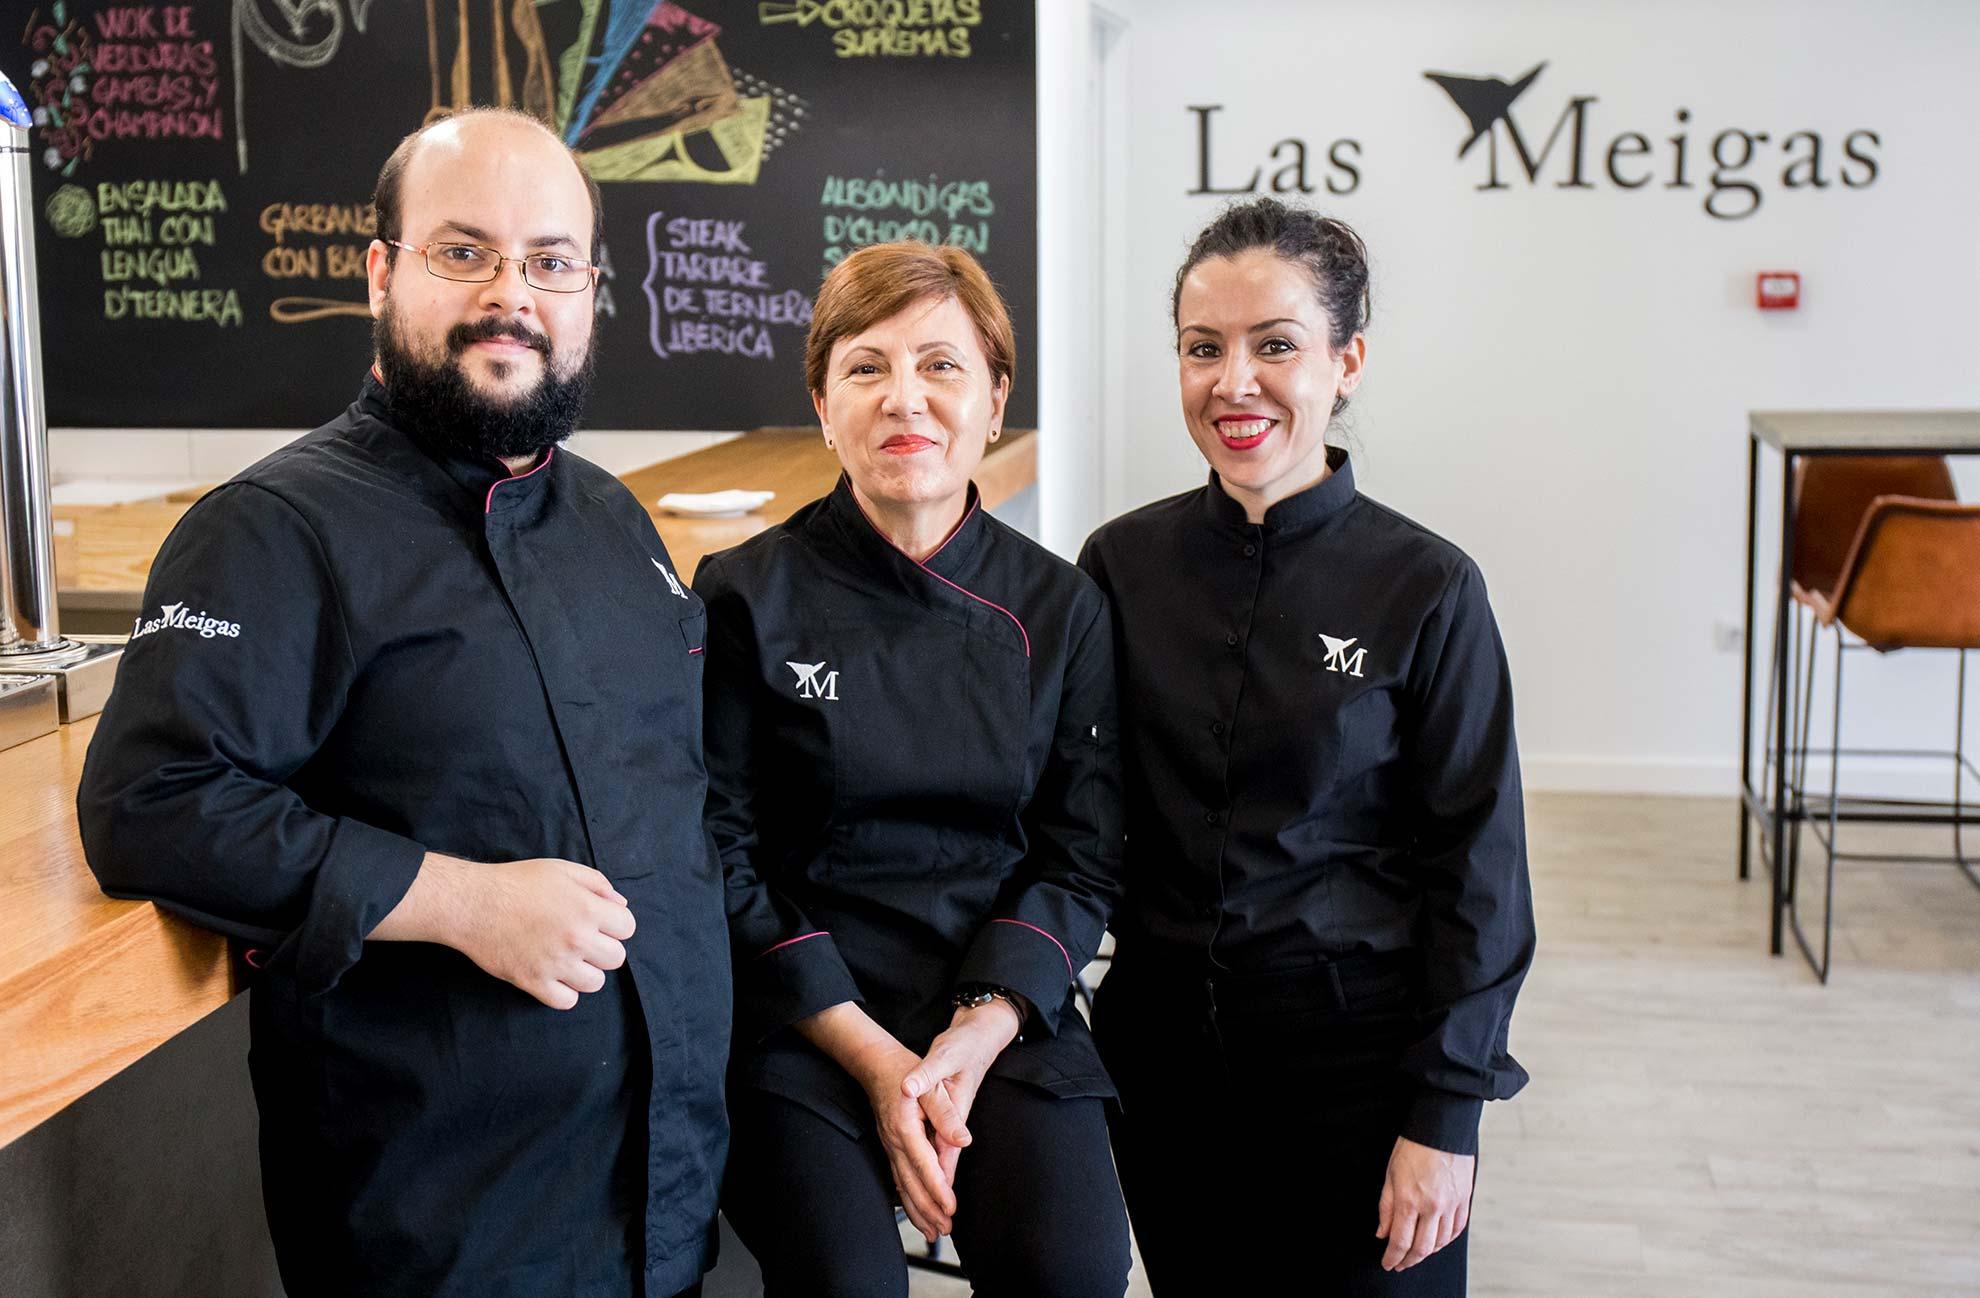 Equipo de Las Meigas, restaurante en Huelva, con Eduardo Míguez la cabeza.